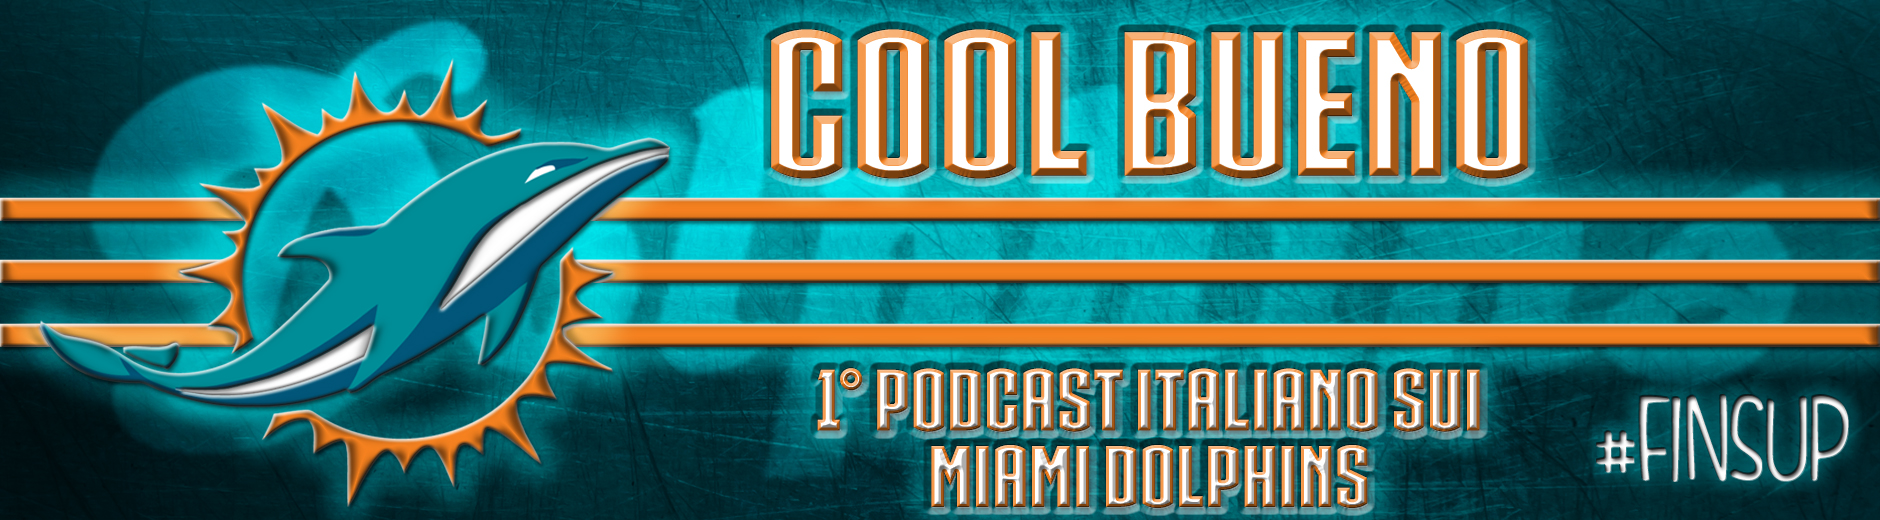 Cool Bueno, il podcast dedicato ai Miami Dolphins